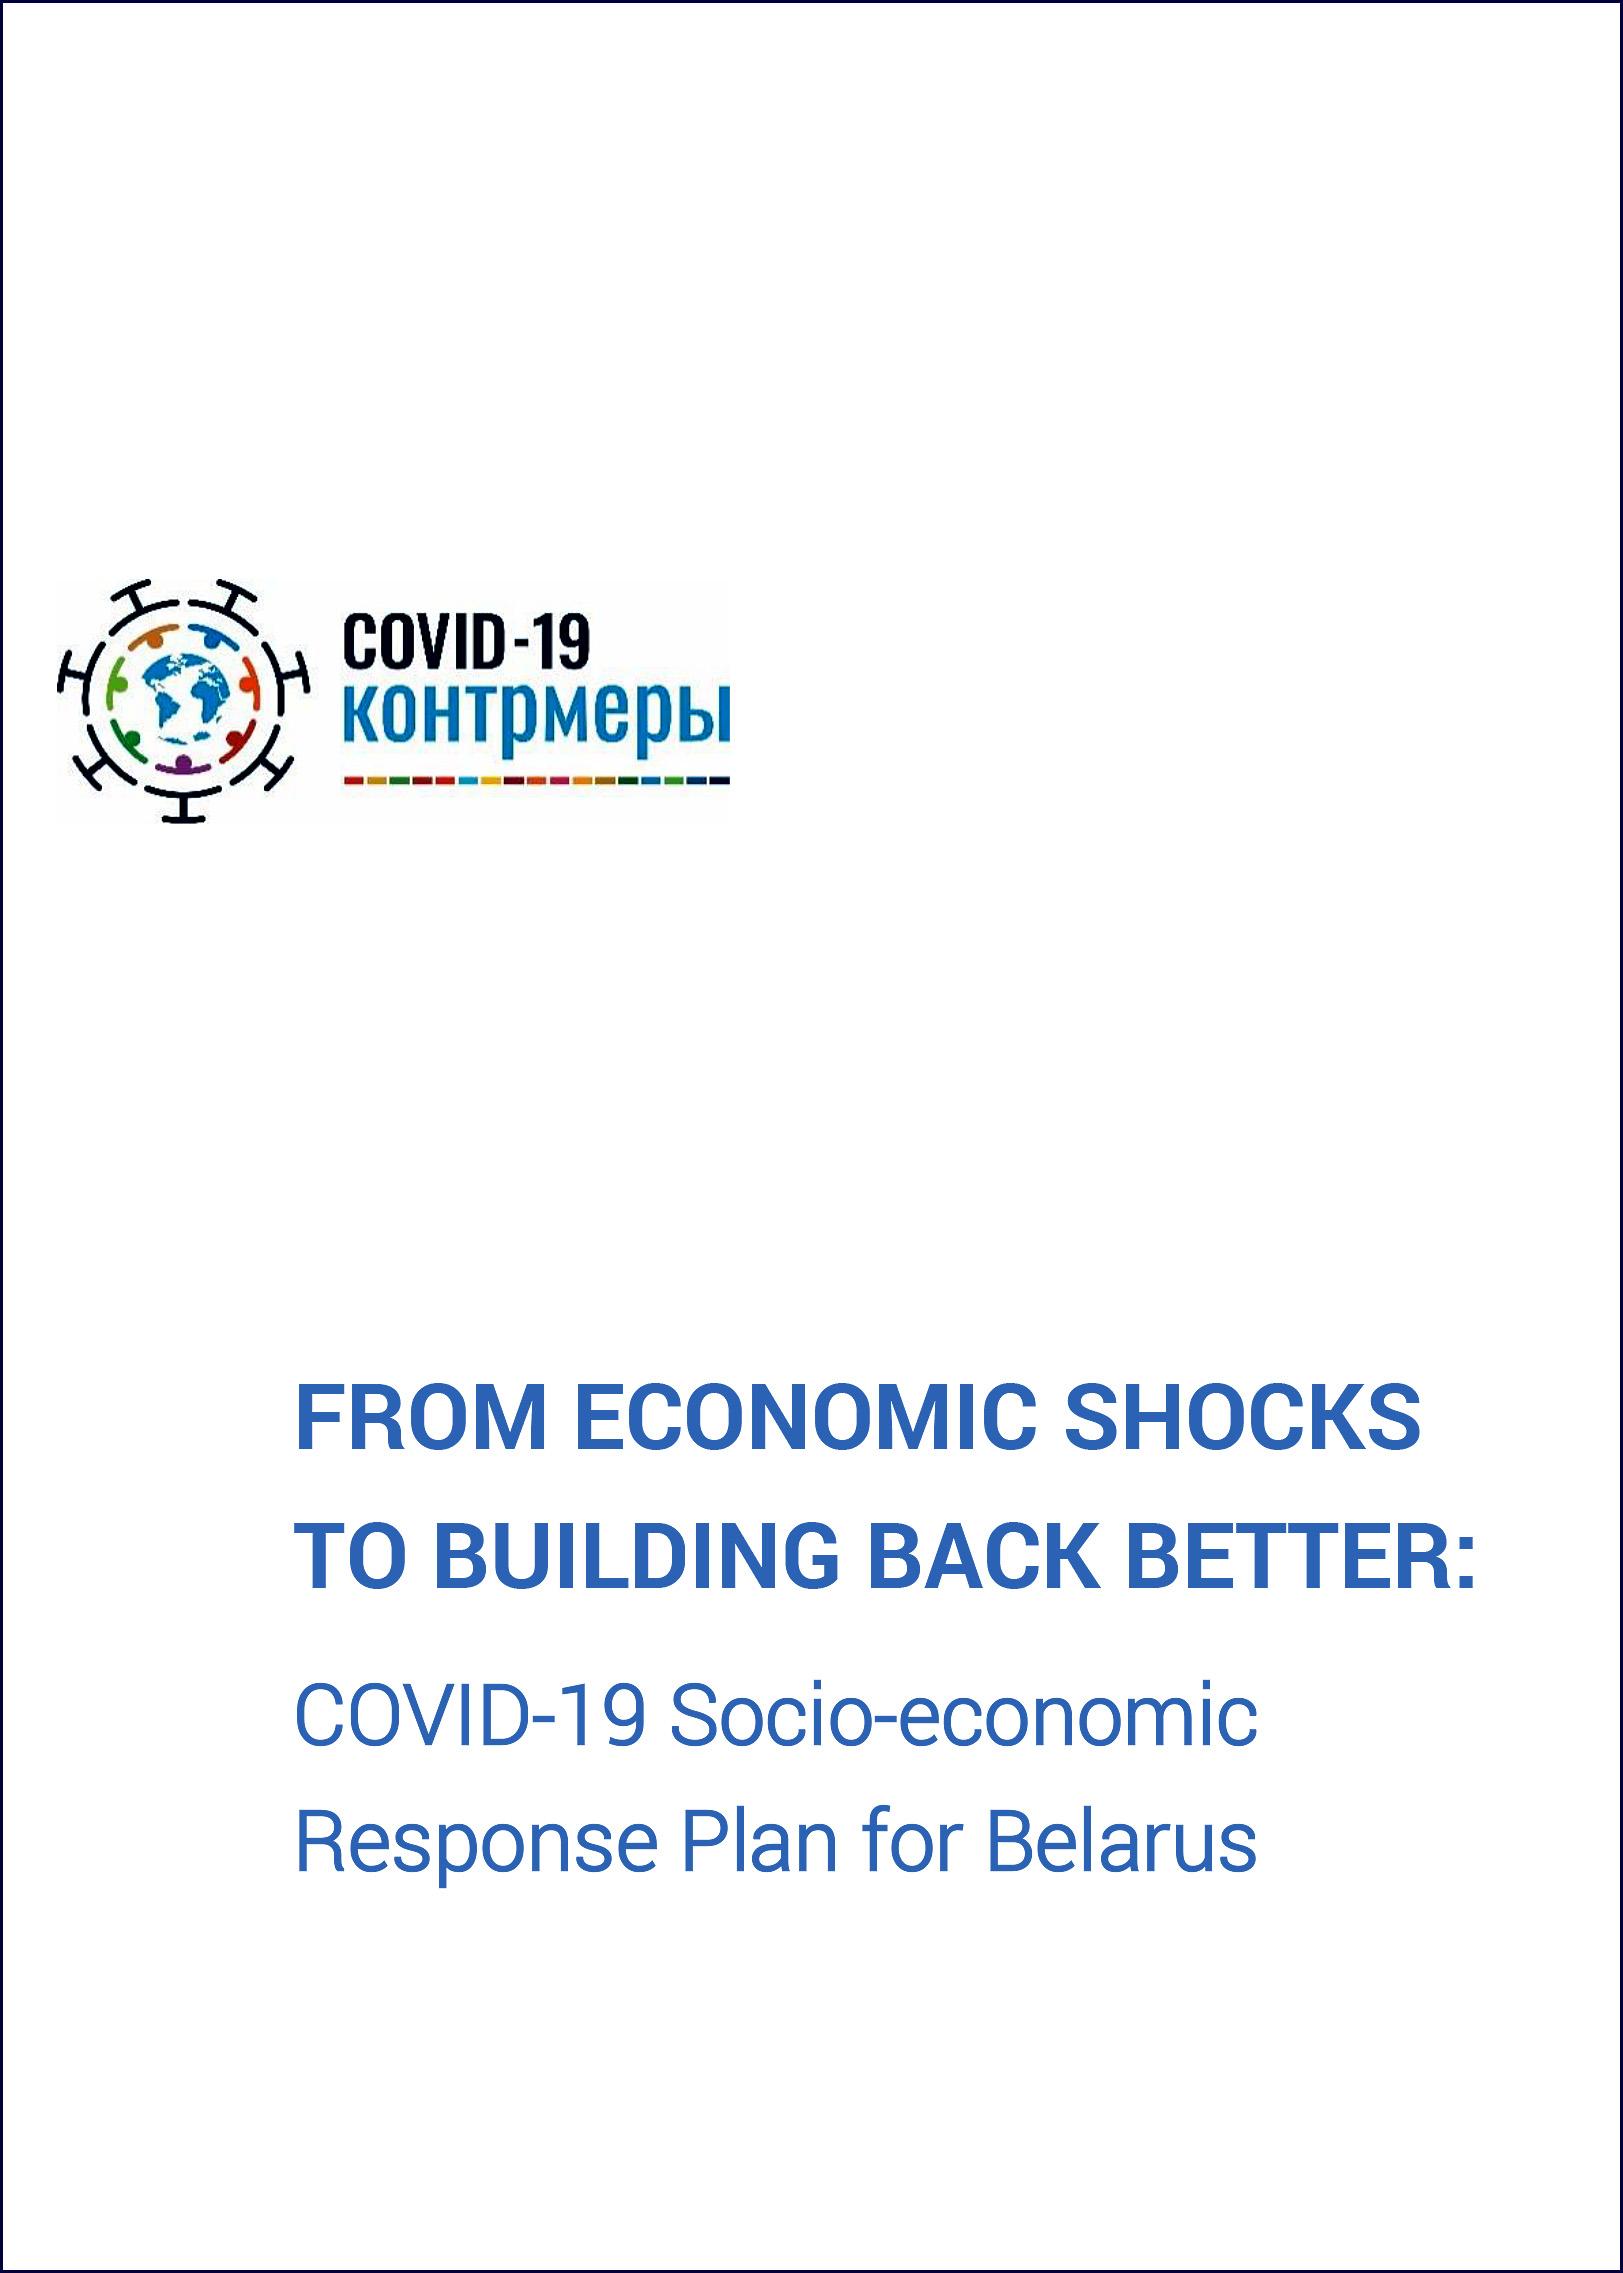 UNCT Belarus' COVID-19 Socioeconomic Response Plan (SERP): Achievements and Plans